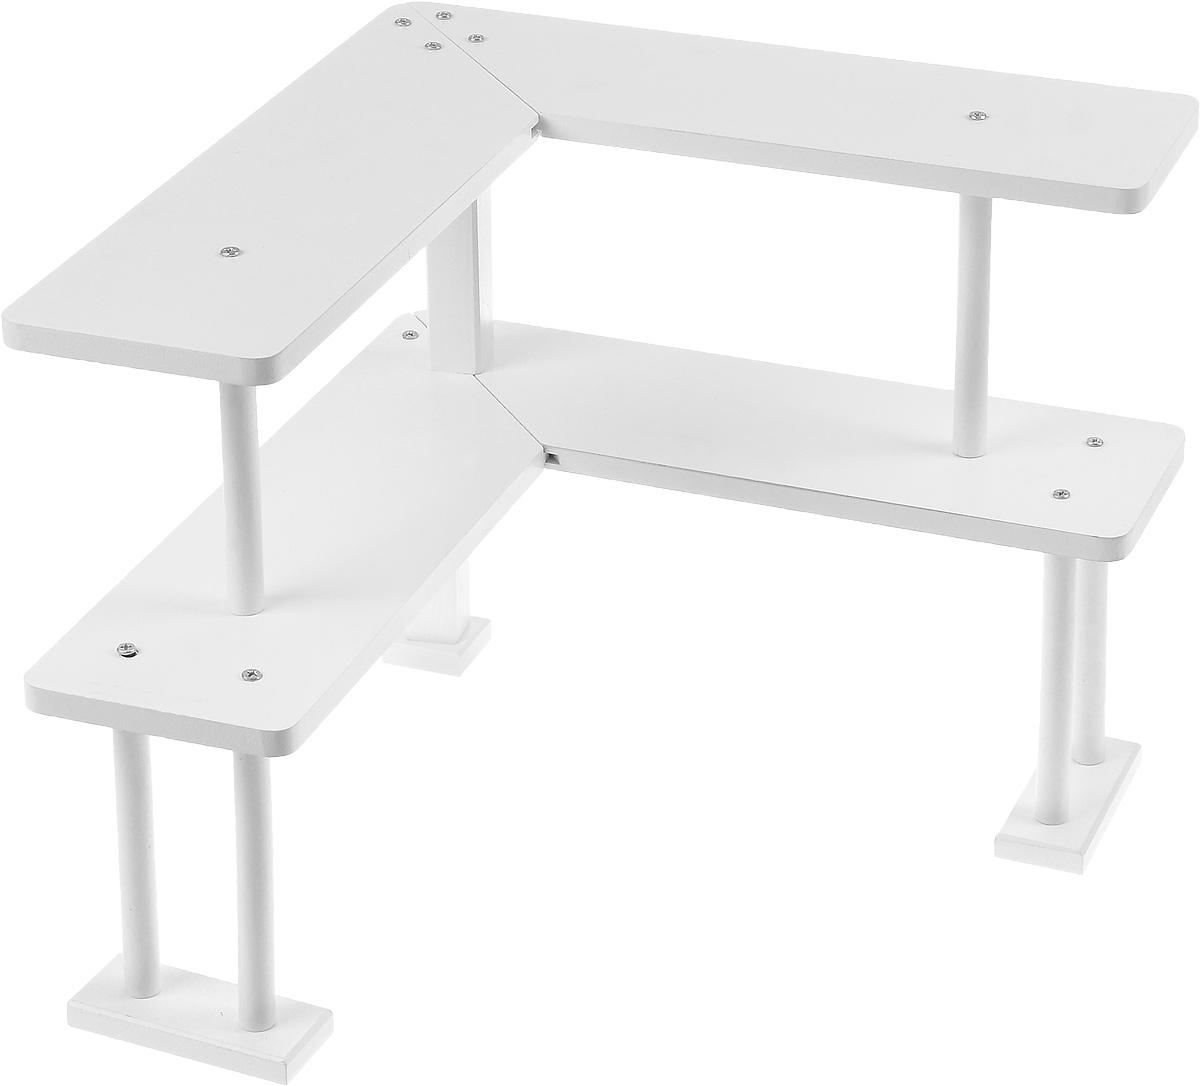 Полка угловая Mayer & Boch, 2-х ярусная. 2424924249Деревянная угловая полка Mayer Boch - удобная и практичная конструкция, которая поможет вам правильно и рационально организовать рабочее пространство на вашем письменном столе. Полка представляет собой угловую двухъярусную конструкцию на высоких ножках, что позволяет использовать каждый сантиметр вашего стола с пользой и умом. В такой полке можно расположить все необходимые письменные принадлежности, документы или книги. Стильный и современный дизайн конструкции позволит ей вписаться в любой интерьер.Полка поставляется в разобранном виде и собирается при помощи саморезов (входят в комплект).Размер полки в собранном виде: 37 х 37 х 34 см.Высота нижнего яруса: 17,5 см.Высота верхнего яруса: 16,5 см.Глубина полки: 11,5 см.